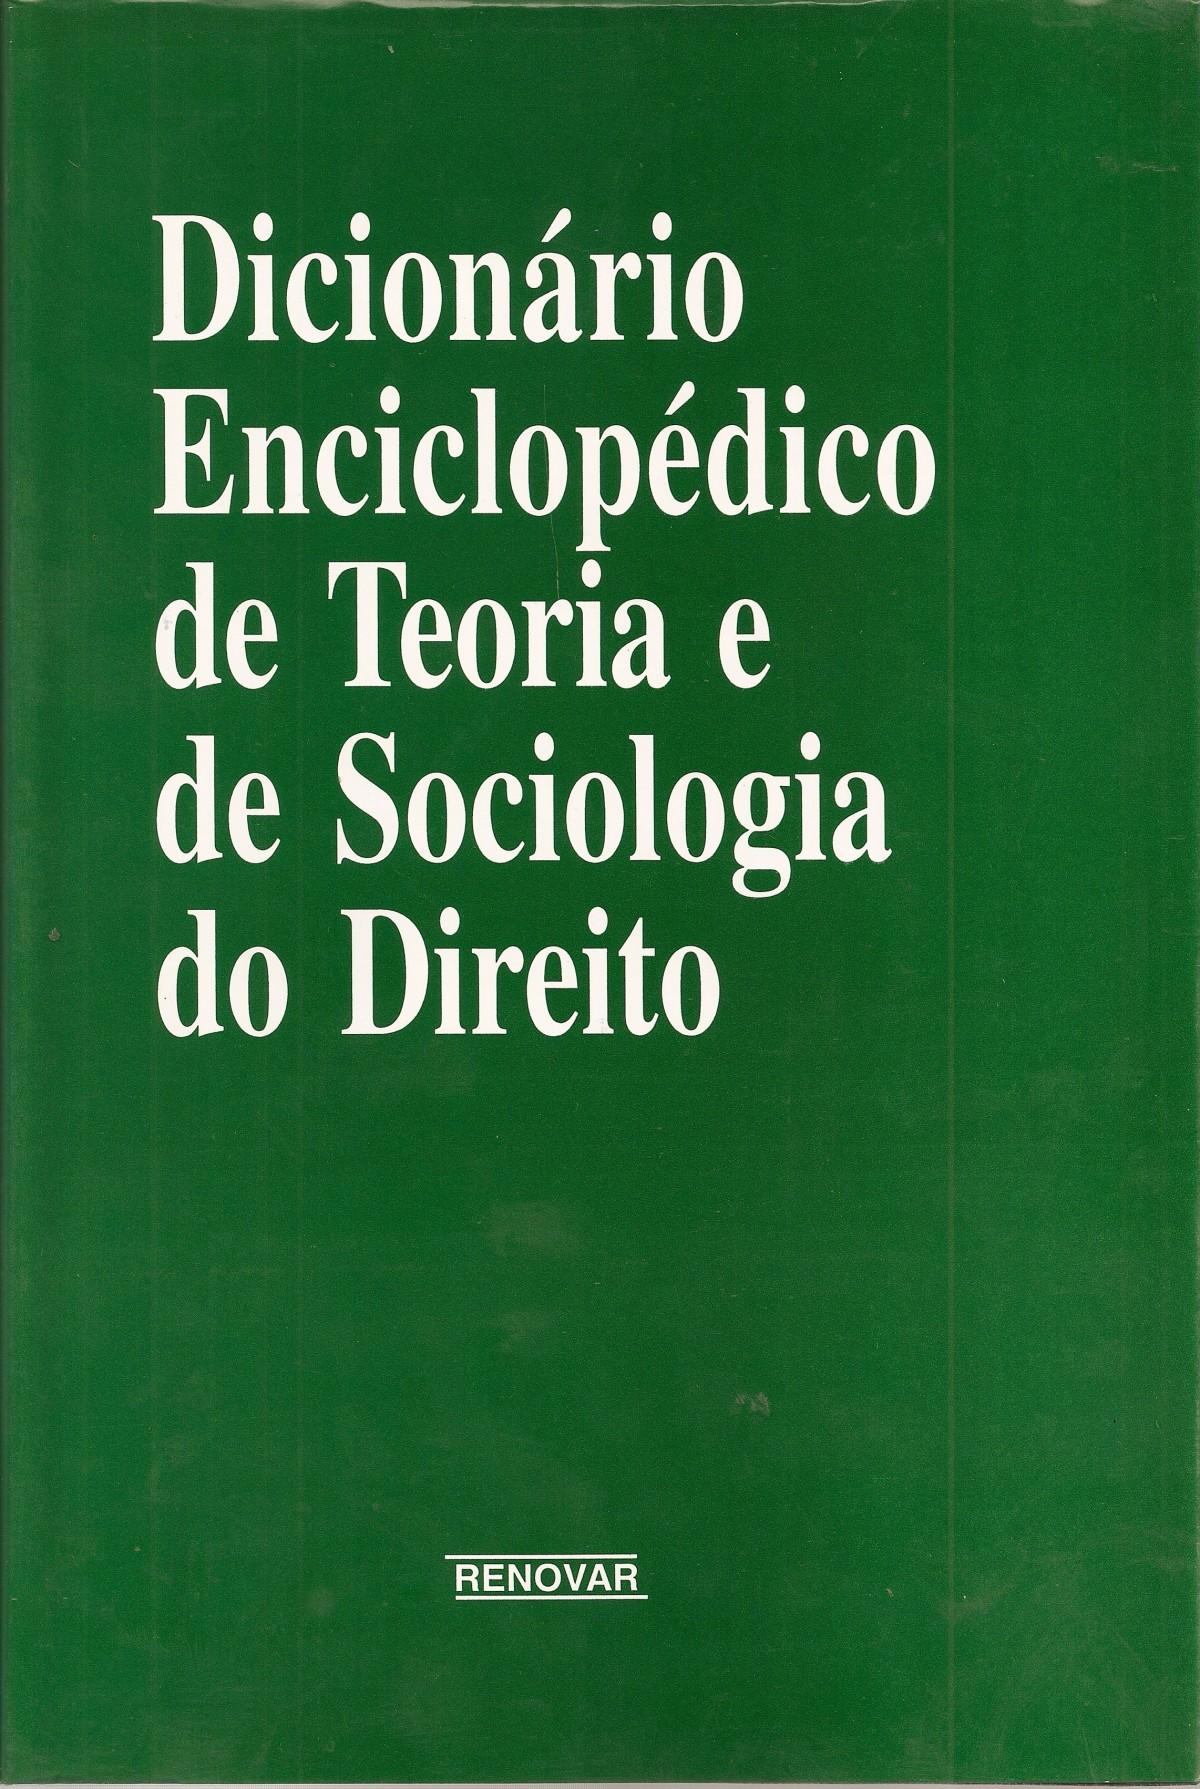 Foto 1 - Dicionário Enciclopédico de Teoria e de Sociologia do Direito